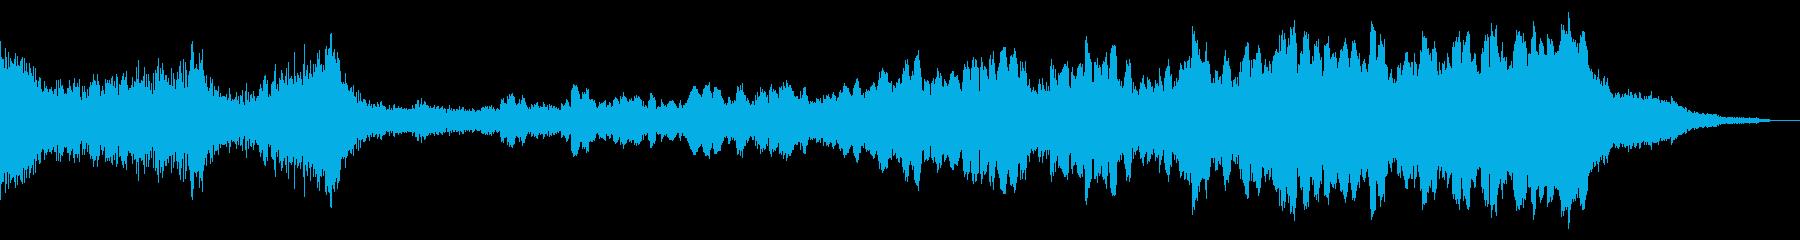 Space Fx:モンスターマイン...の再生済みの波形